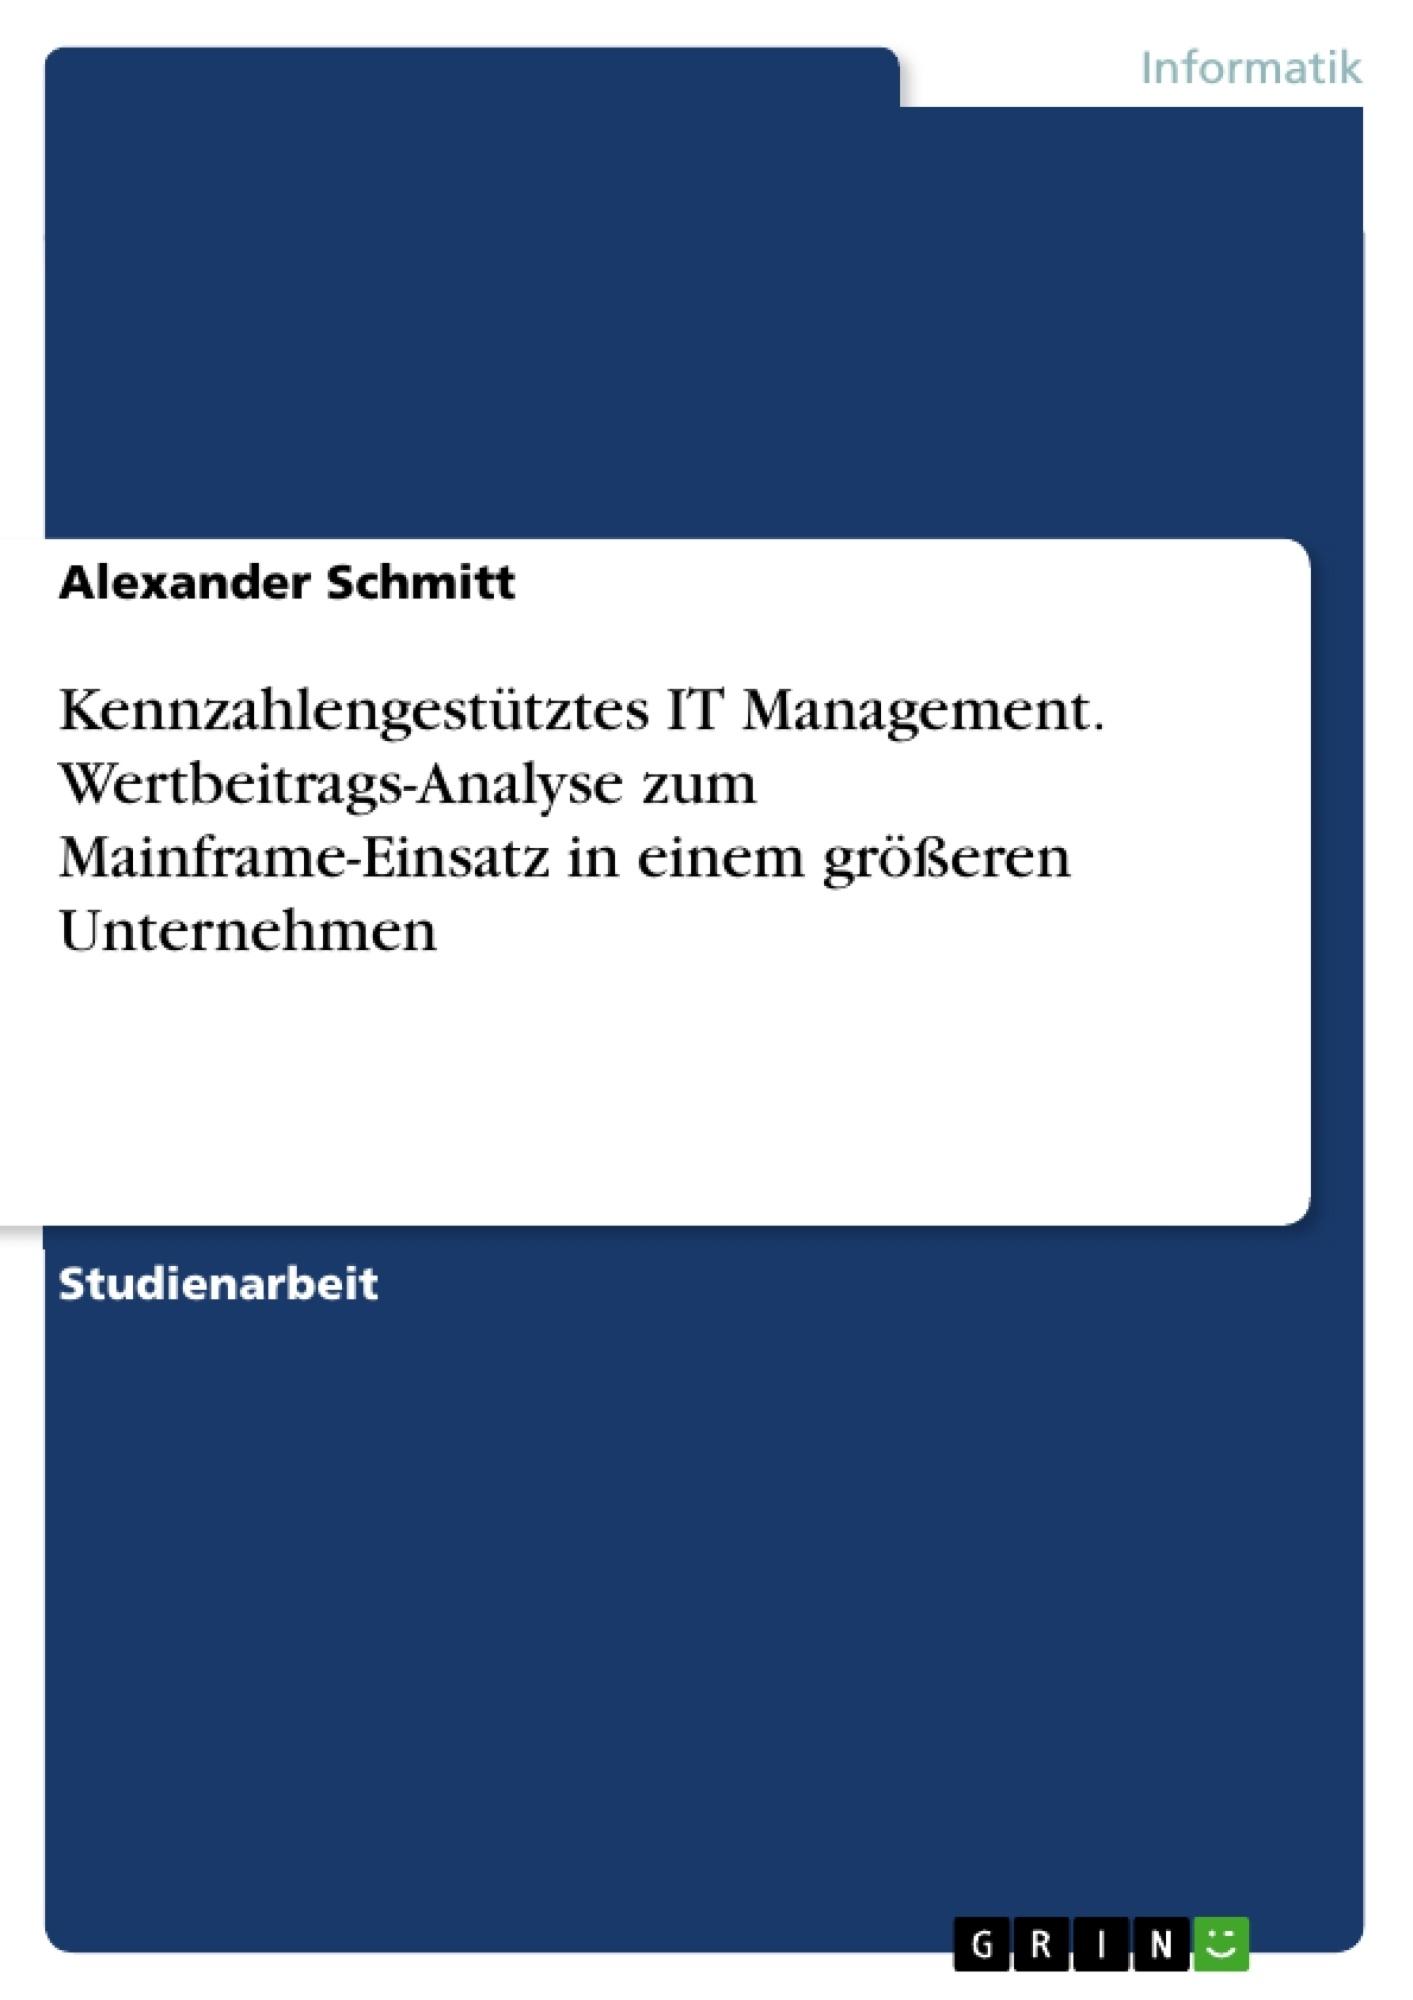 Titel: Kennzahlengestütztes IT Management. Wertbeitrags-Analyse zum Mainframe-Einsatz in einem größeren Unternehmen